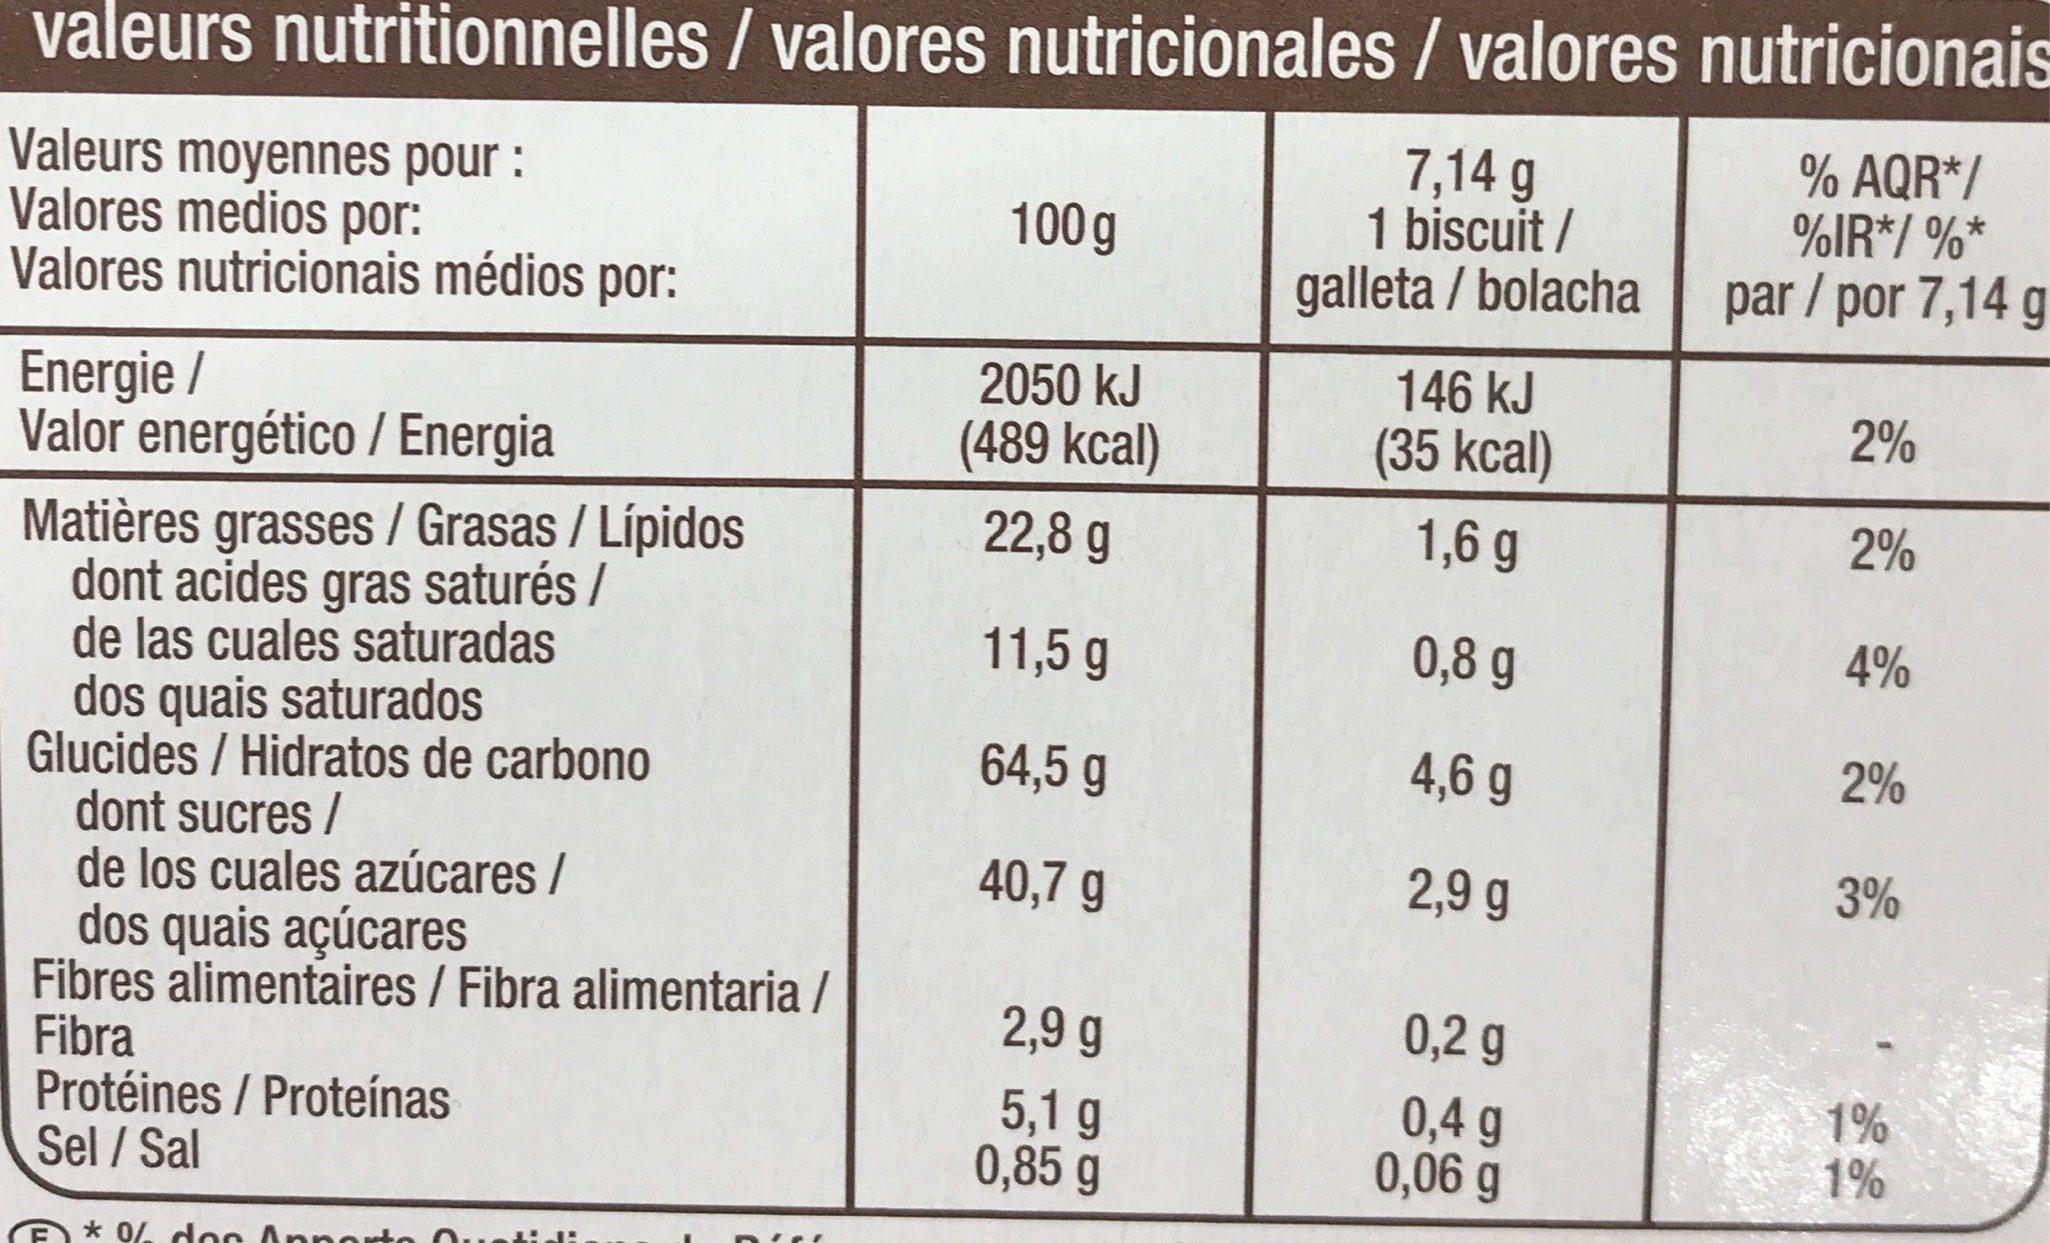 Galettes suedoises aux flocons d'avoine - Información nutricional - fr